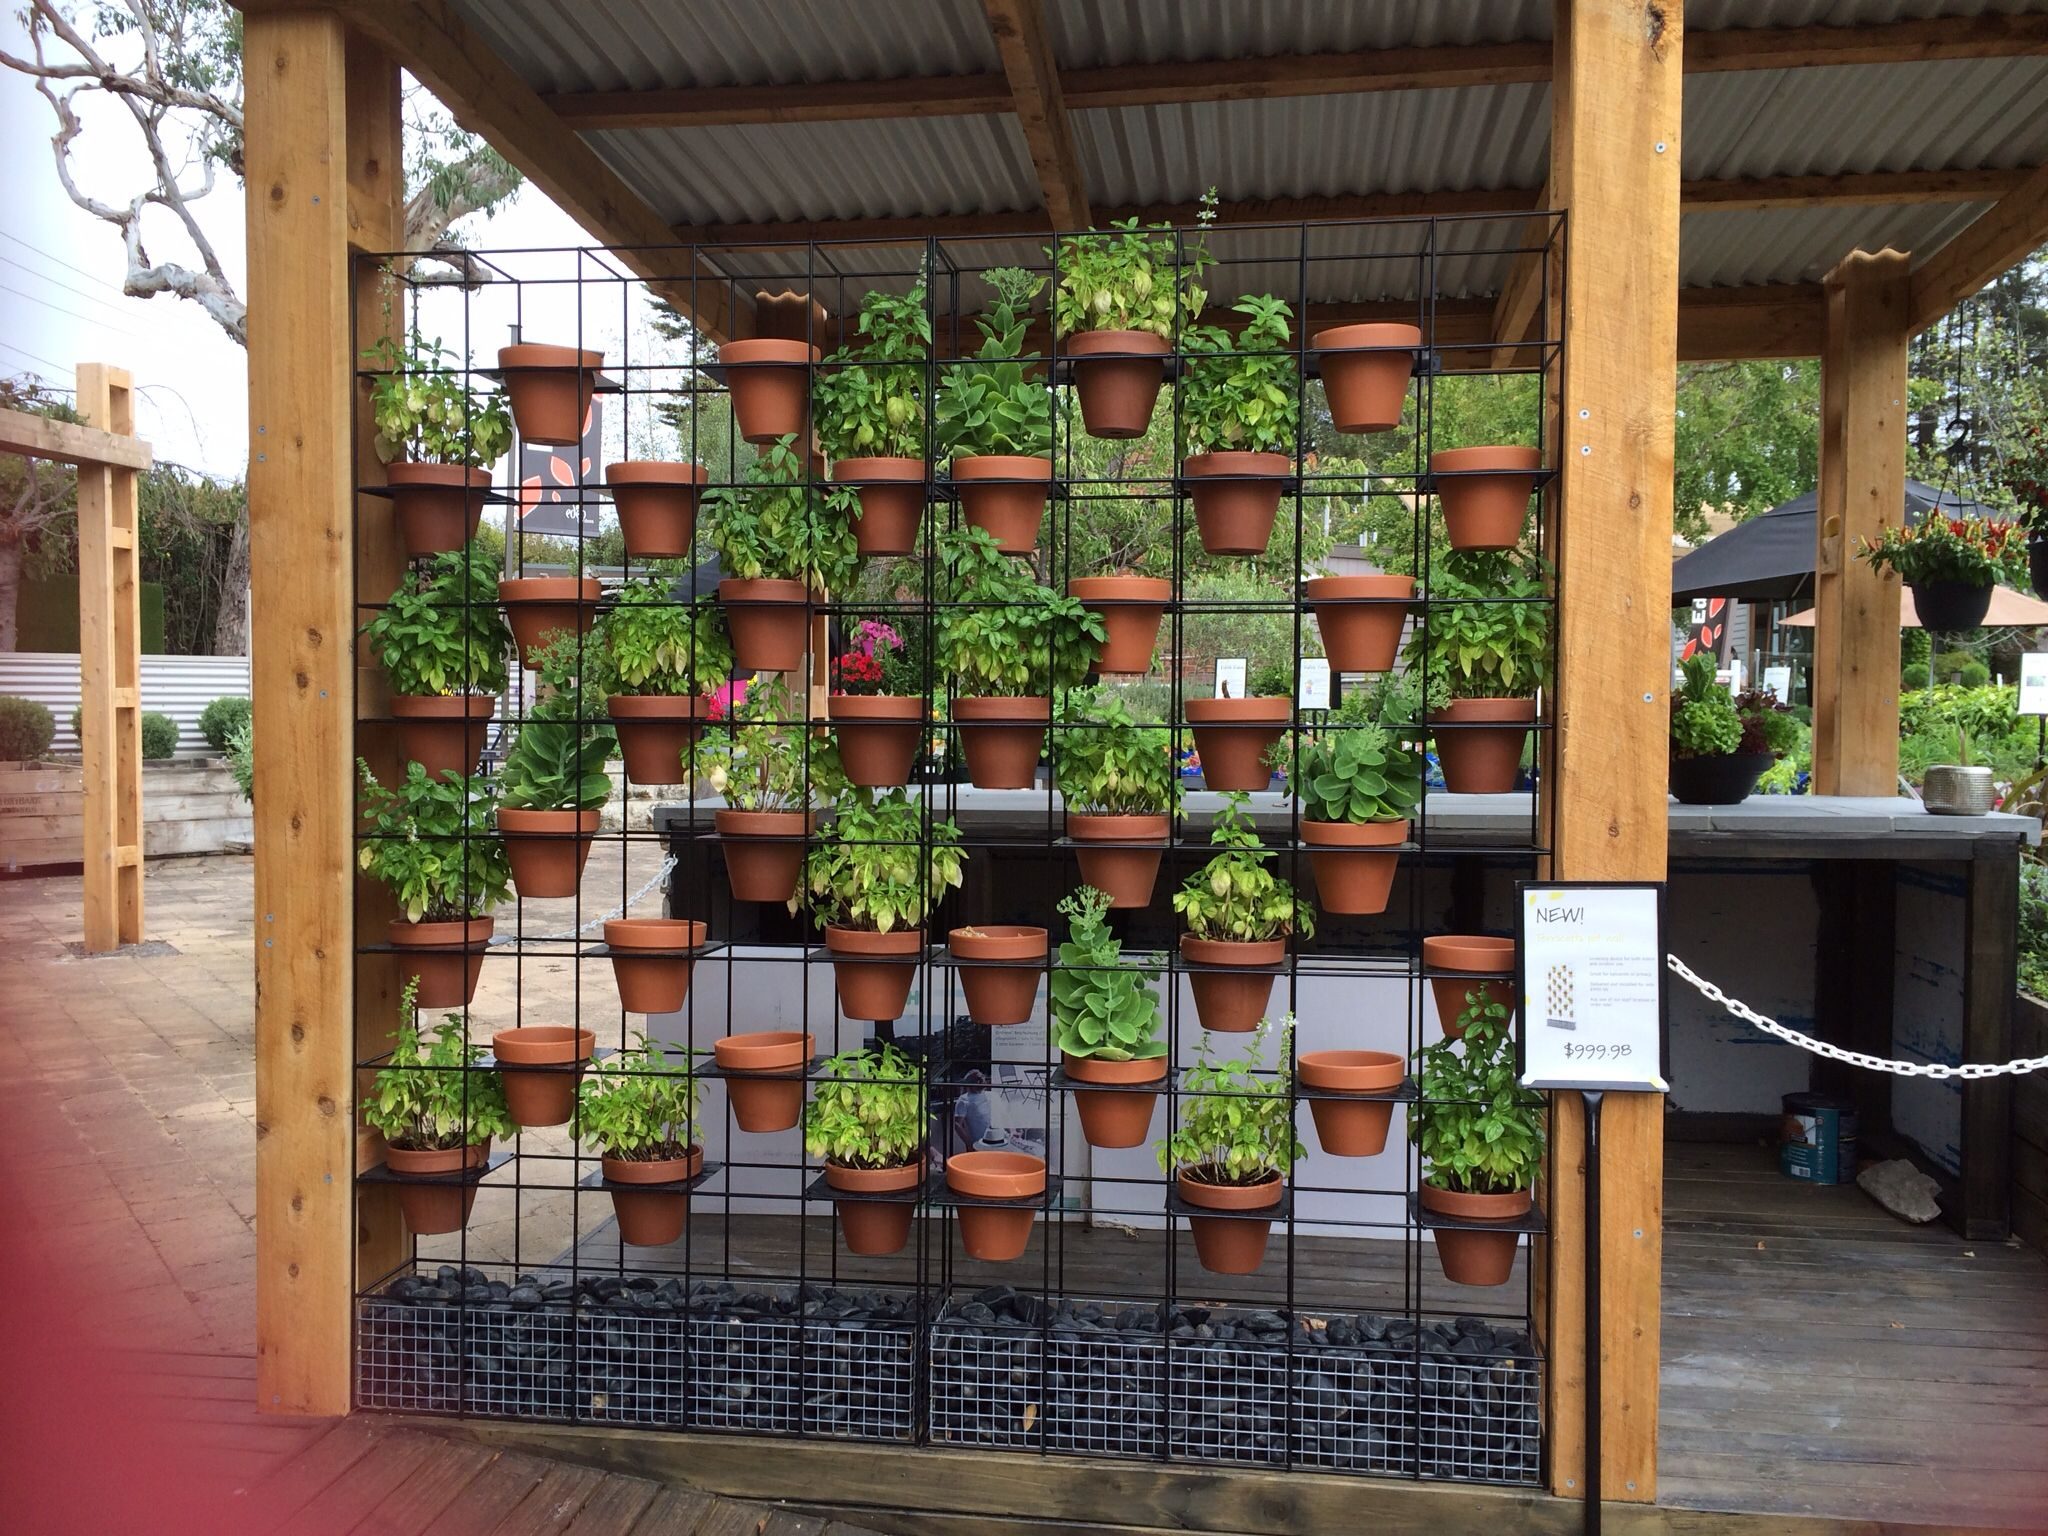 Wall Pots Screen Plants Vertical Garden Design Vertical Garden Wall